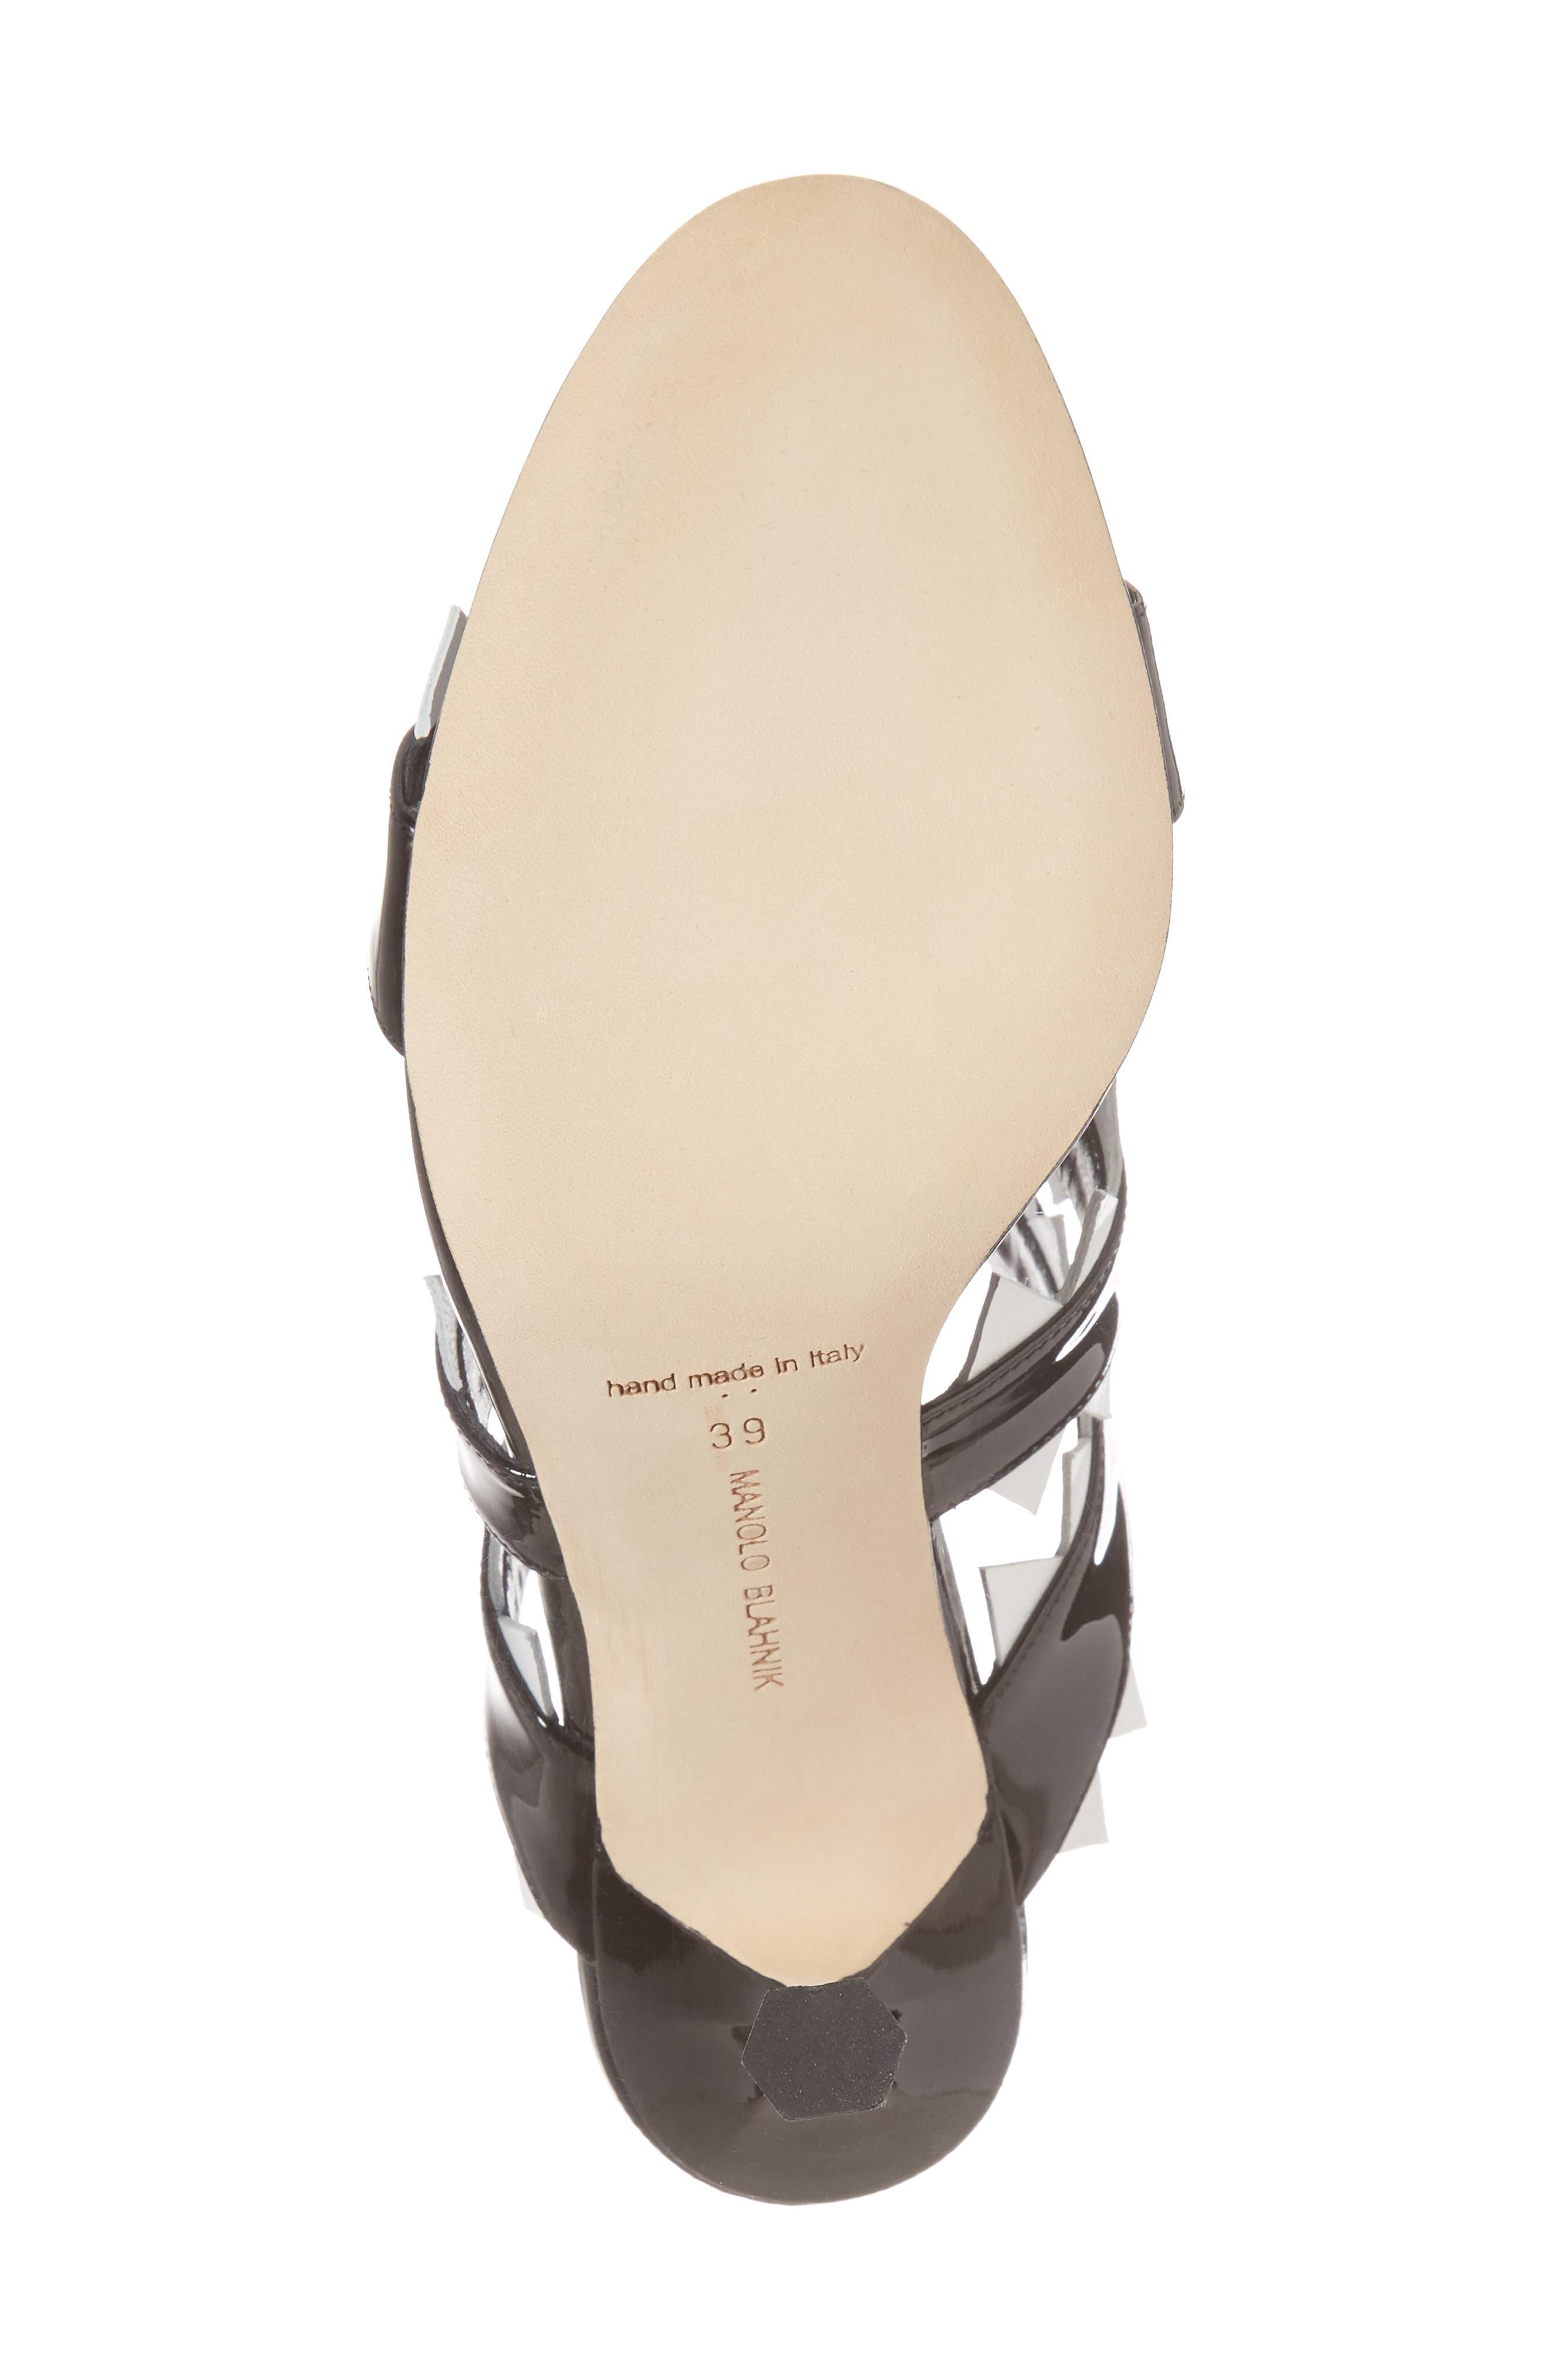 Arpege Mule Sandal,                             Alternate thumbnail 6, color,                             Black/ White